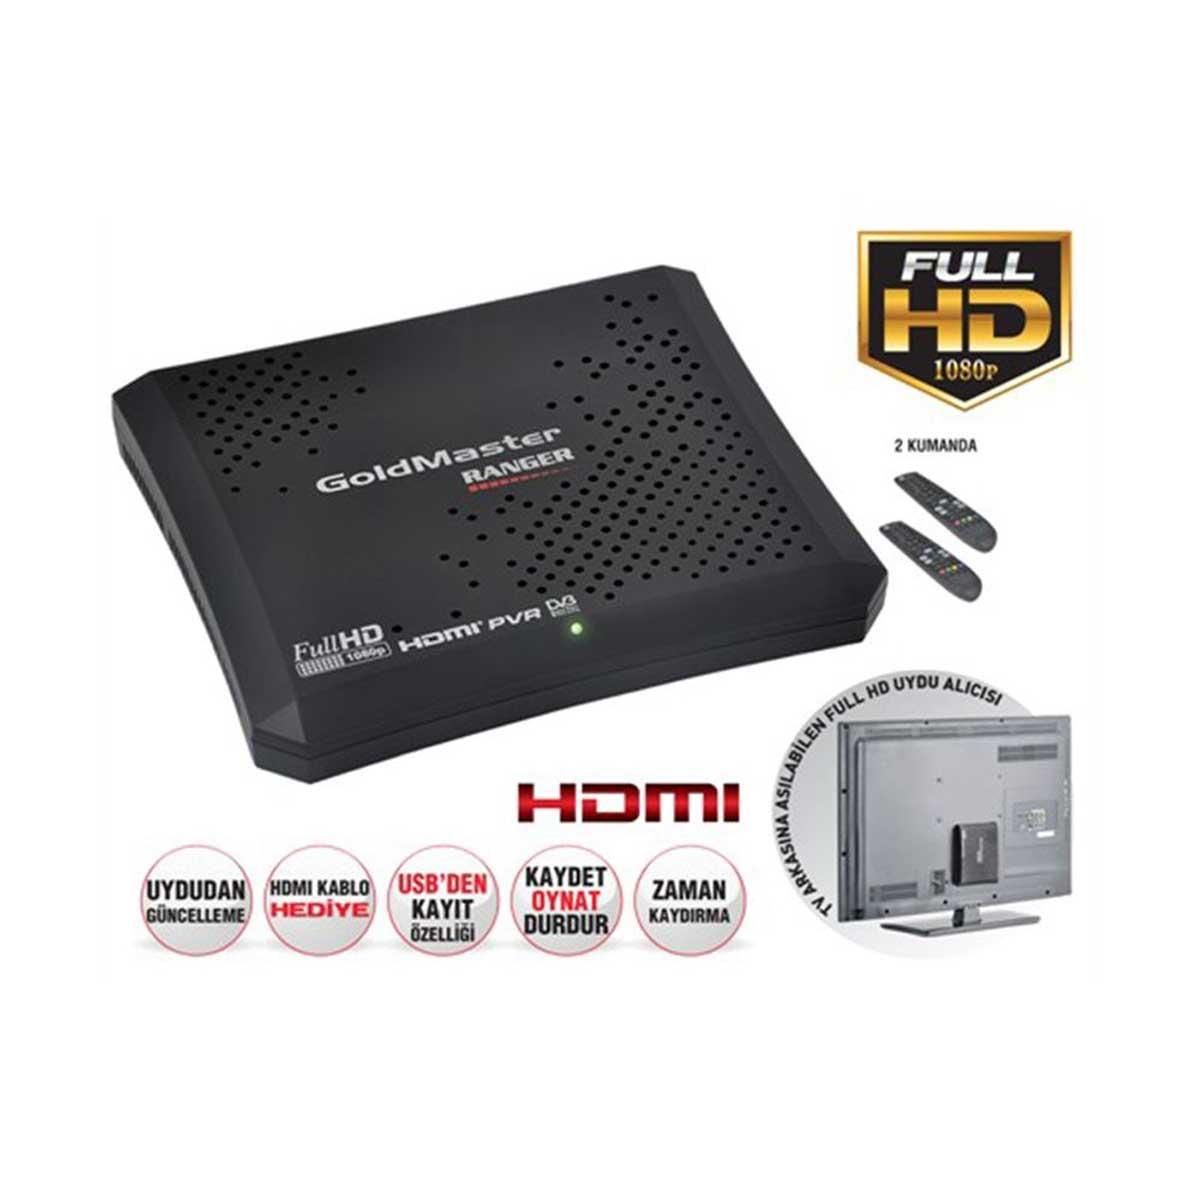 Goldmaster Ranger HD Plus Dijital Uydu Alıcısı